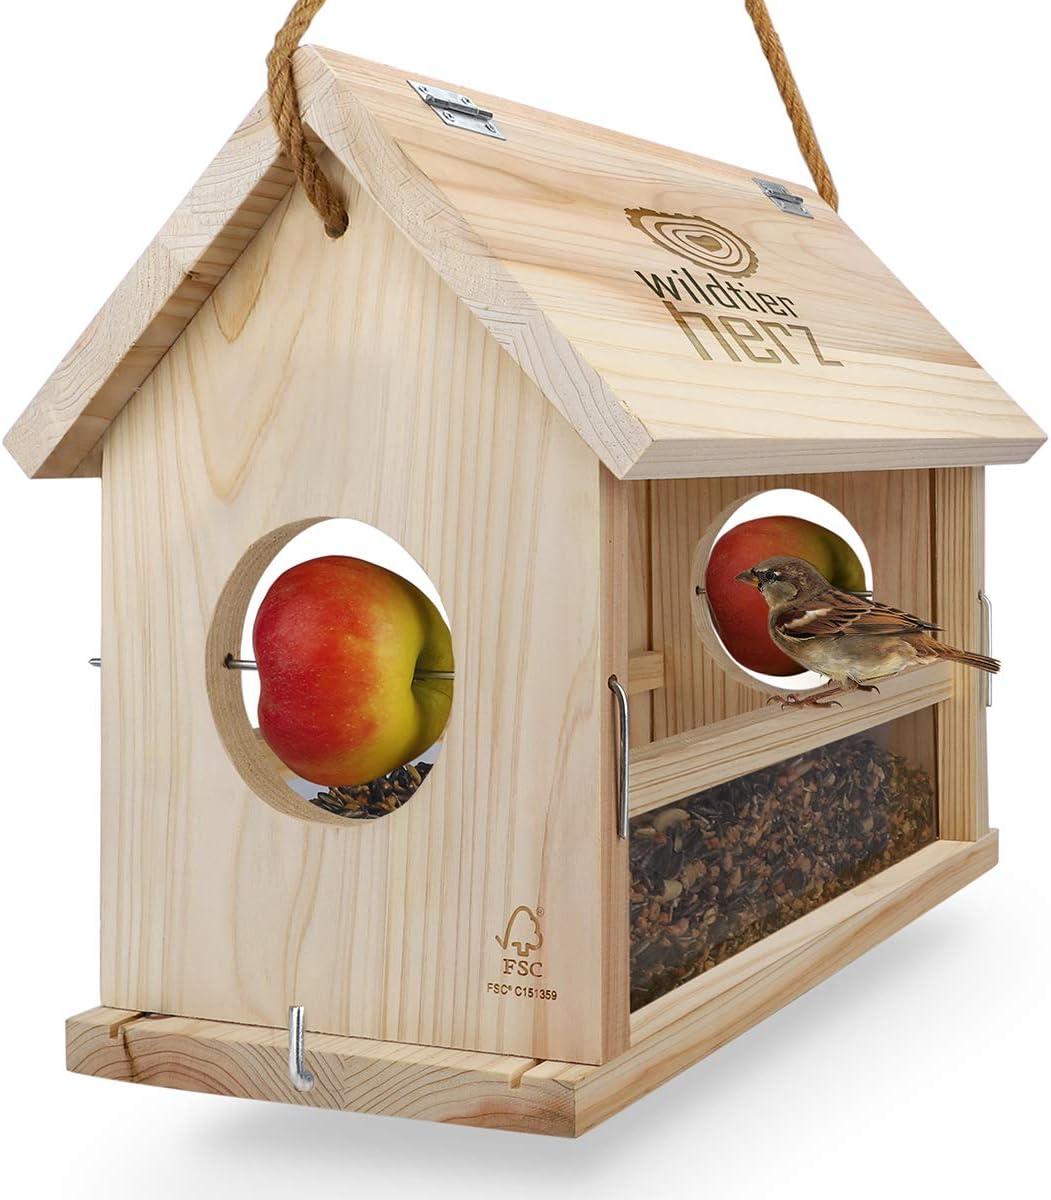 wildtier Herz | Vogelfutterhaus XXL Handarbeit aus Natur-Holz für Gartenvögel wetterfest, naturbelassen. Vogelhaus Zum aufhängen im Garten und Balkon